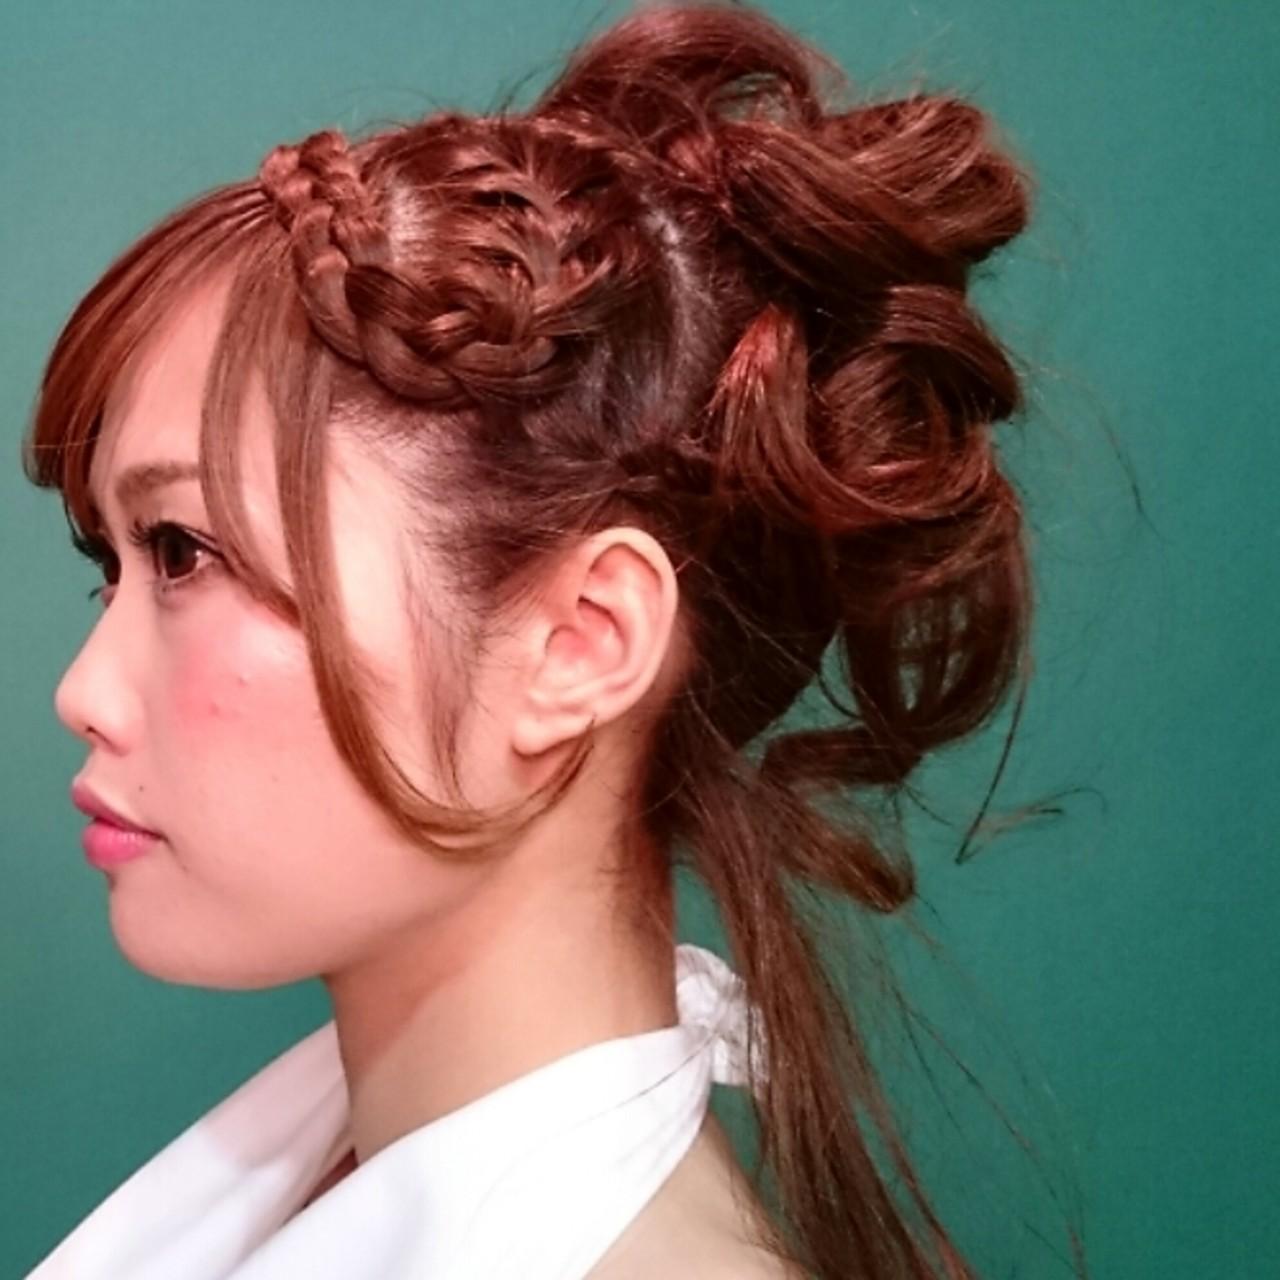 大人かわいい ヘアアレンジ パーティ フェミニン ヘアスタイルや髪型の写真・画像 | チエ / 美容室ヘアーカントー